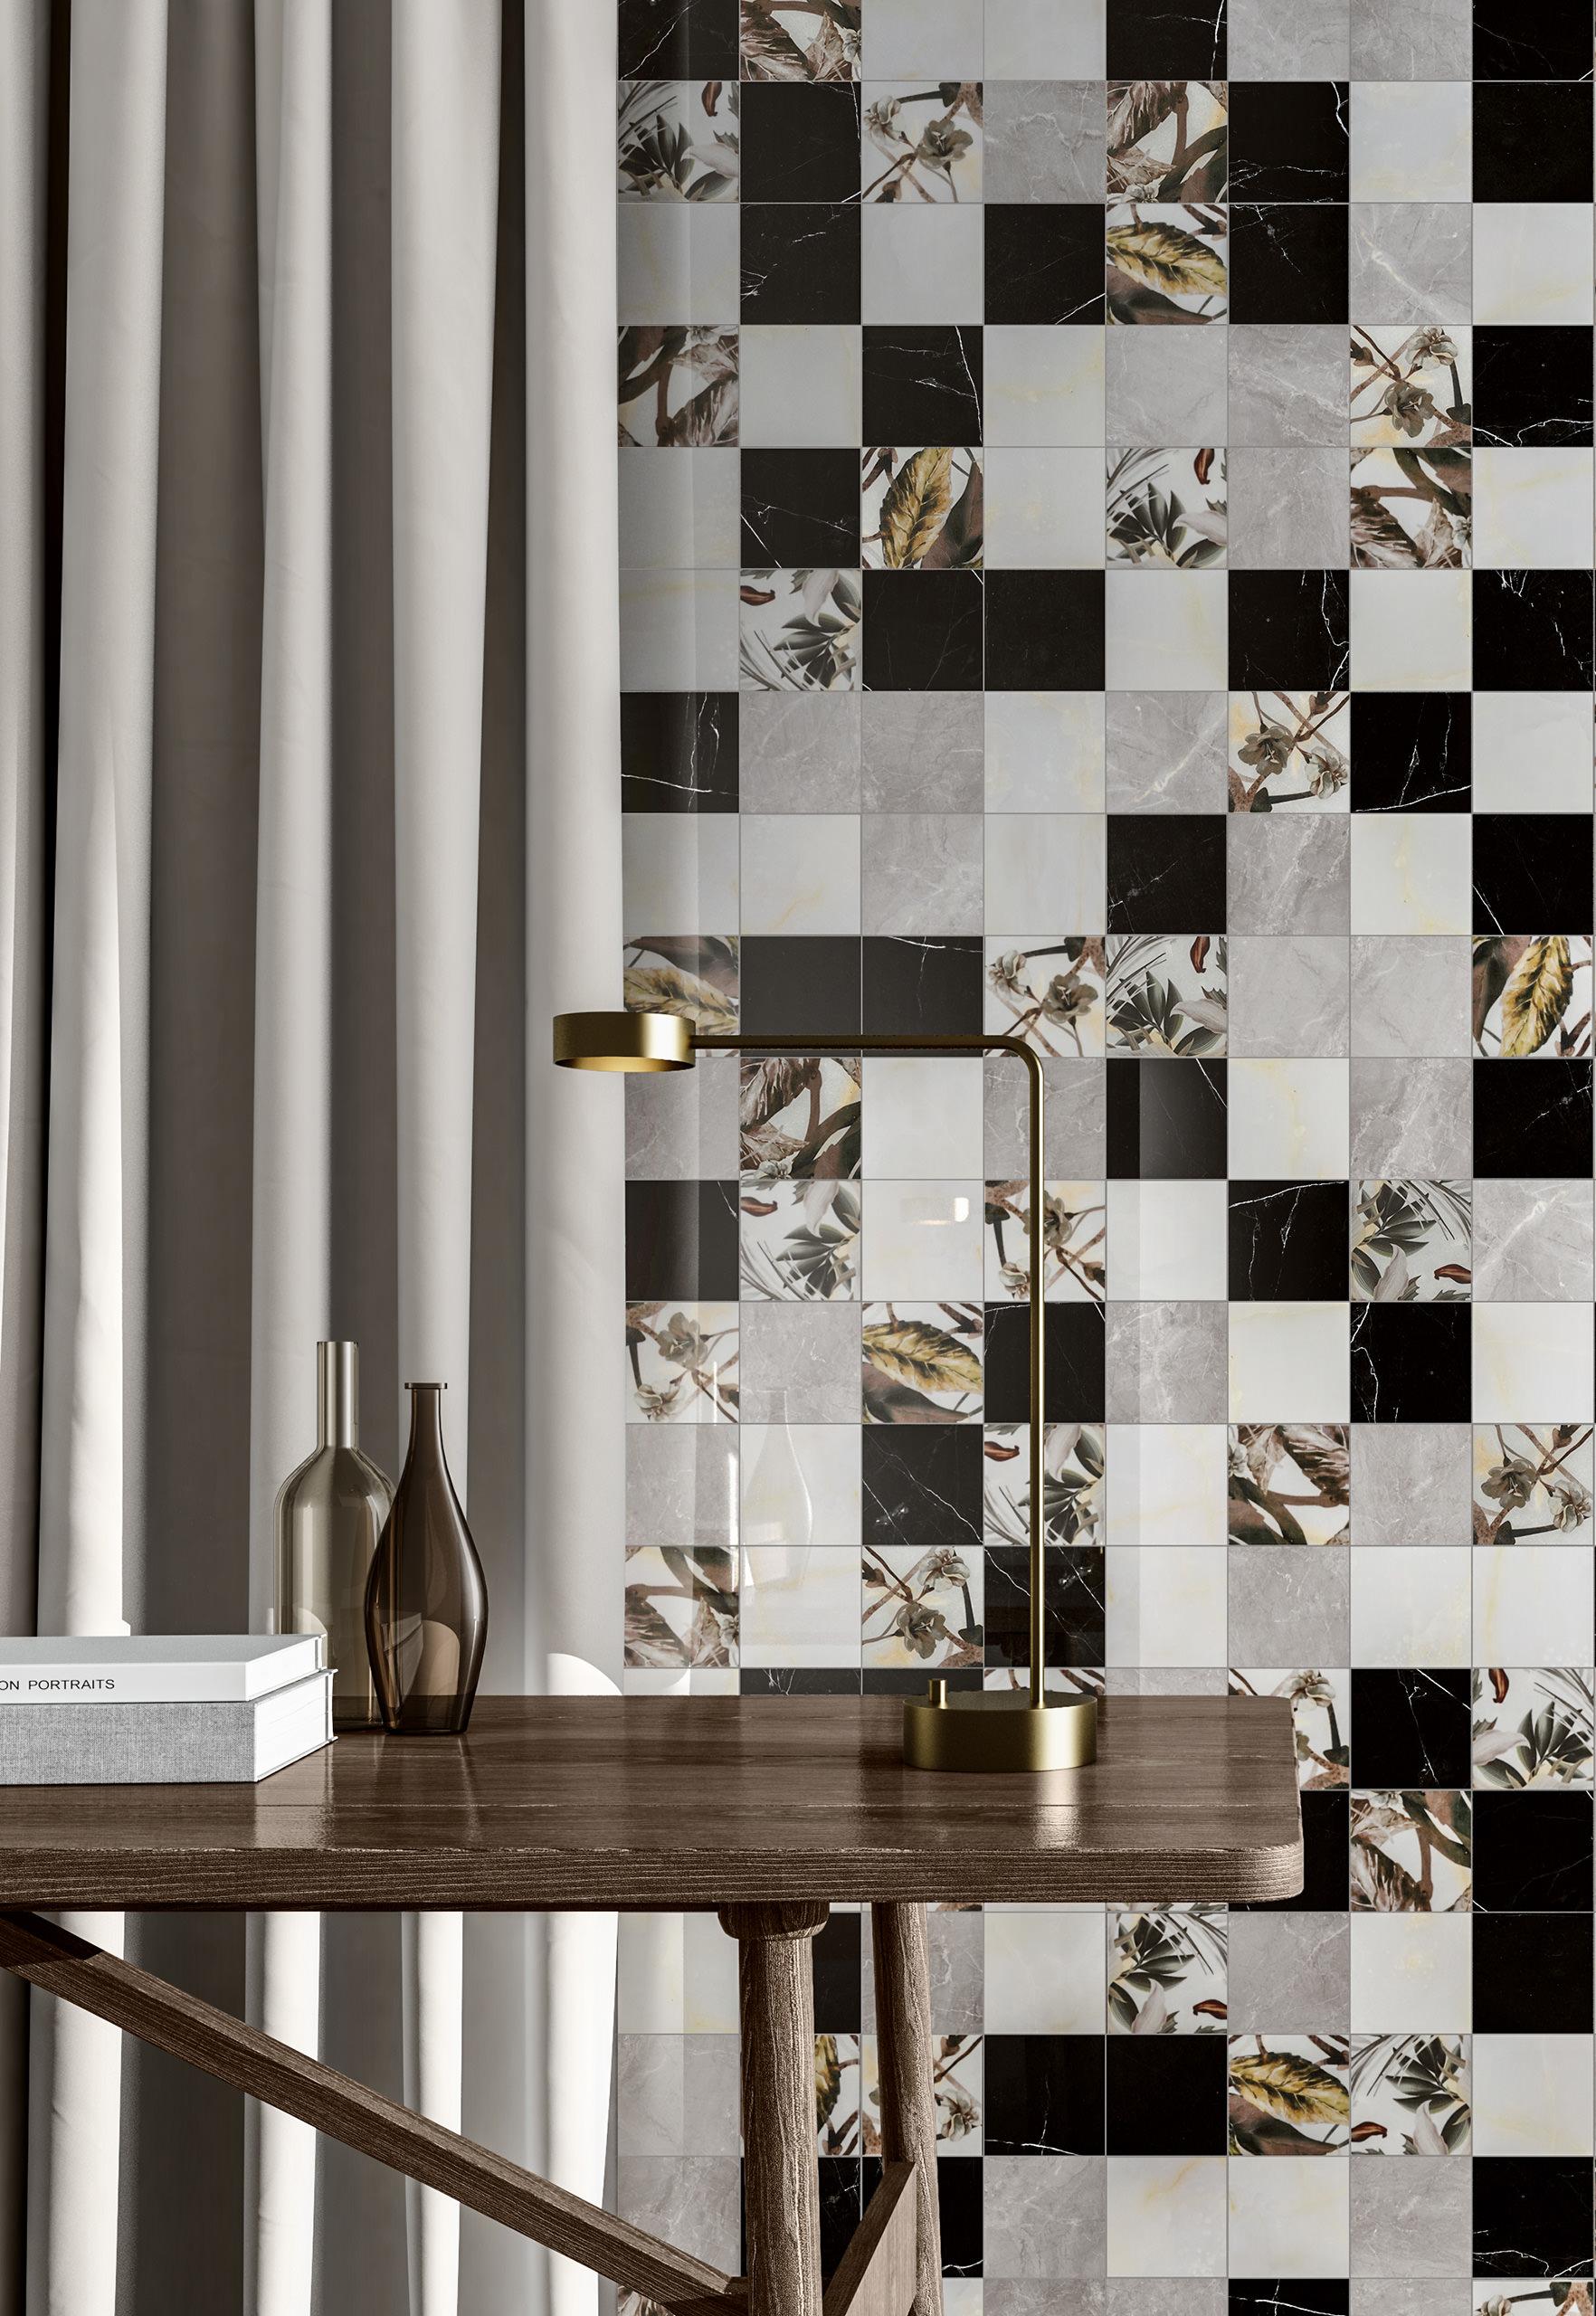 Rendering ceramica interni Valentino living mosaico